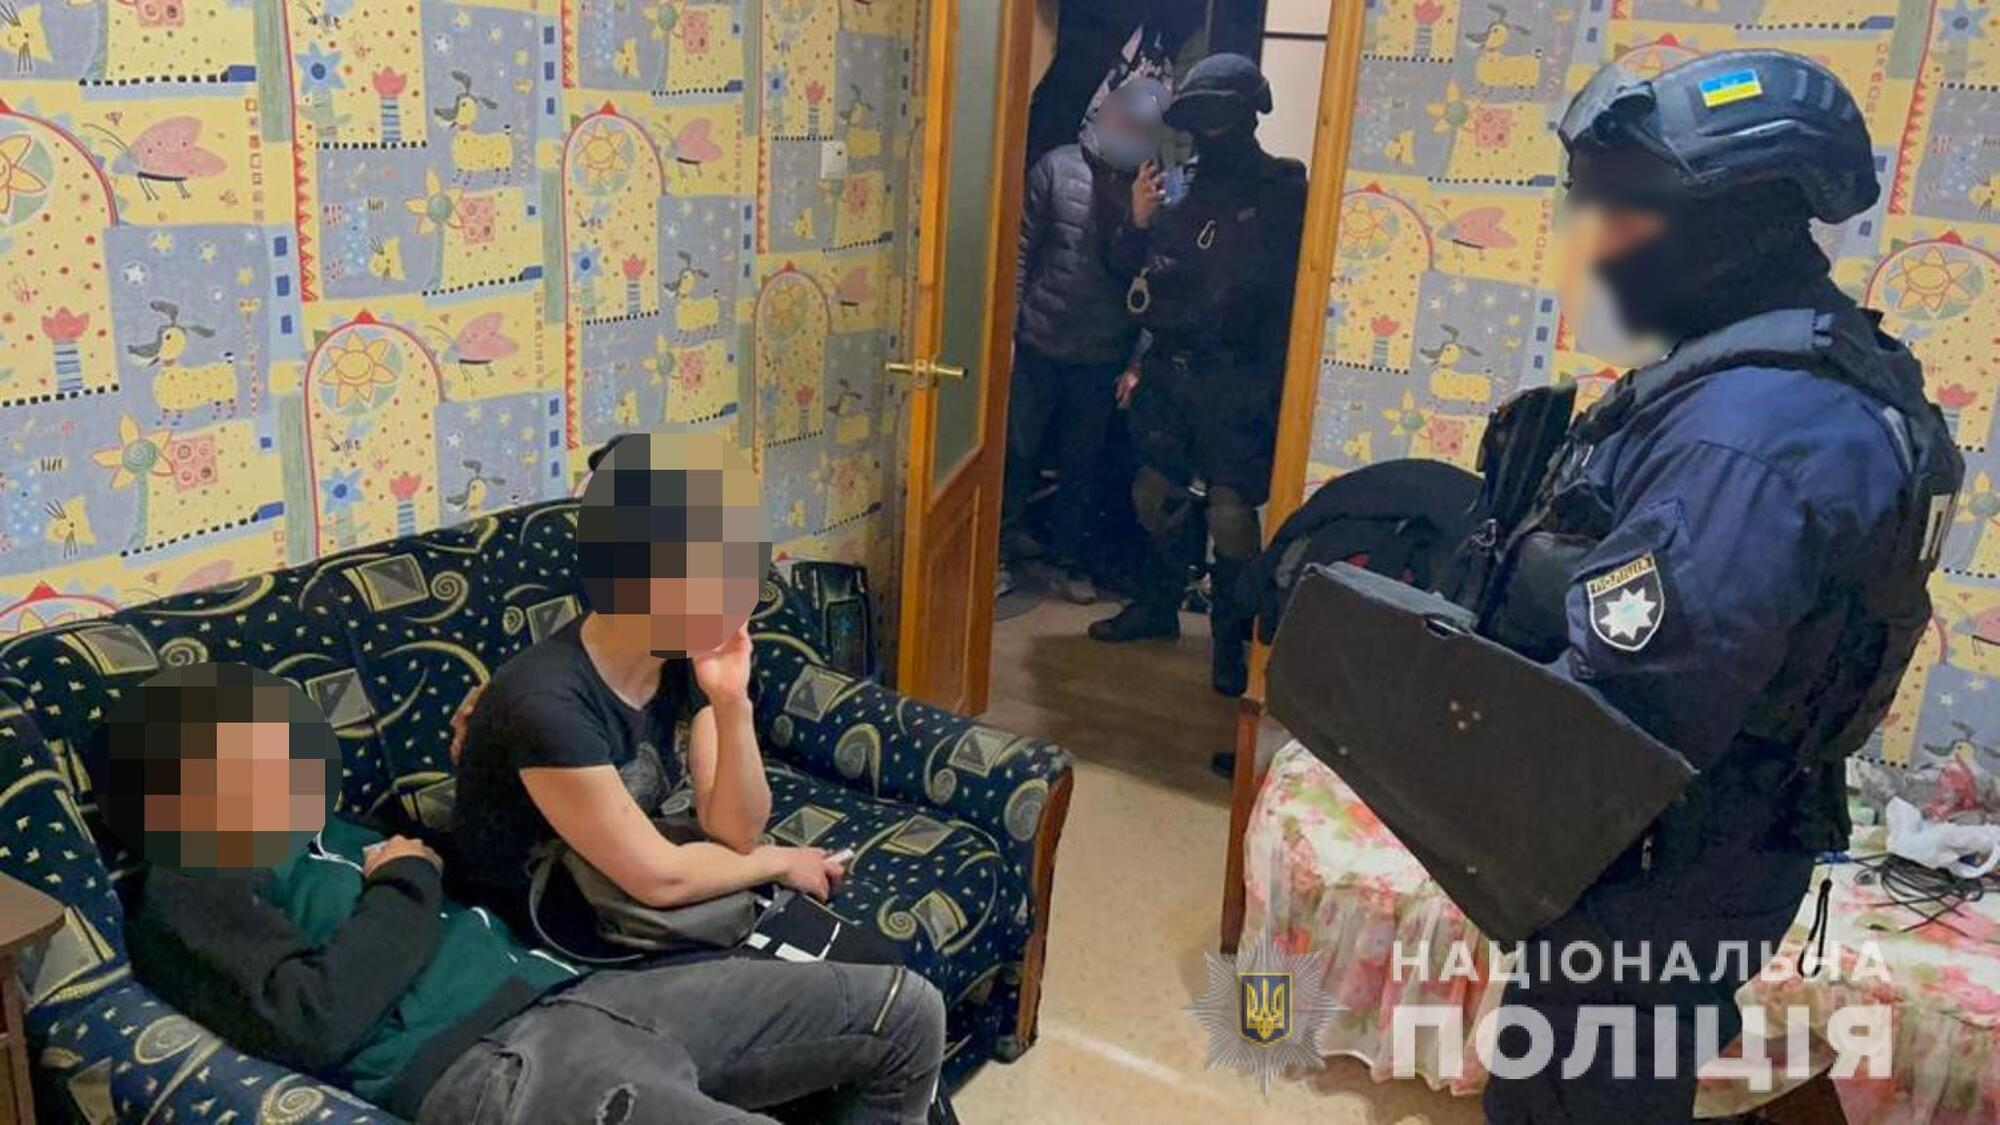 Поліція провела обшук вдома у підозрюваного в подвійному вбивстві в Харкові